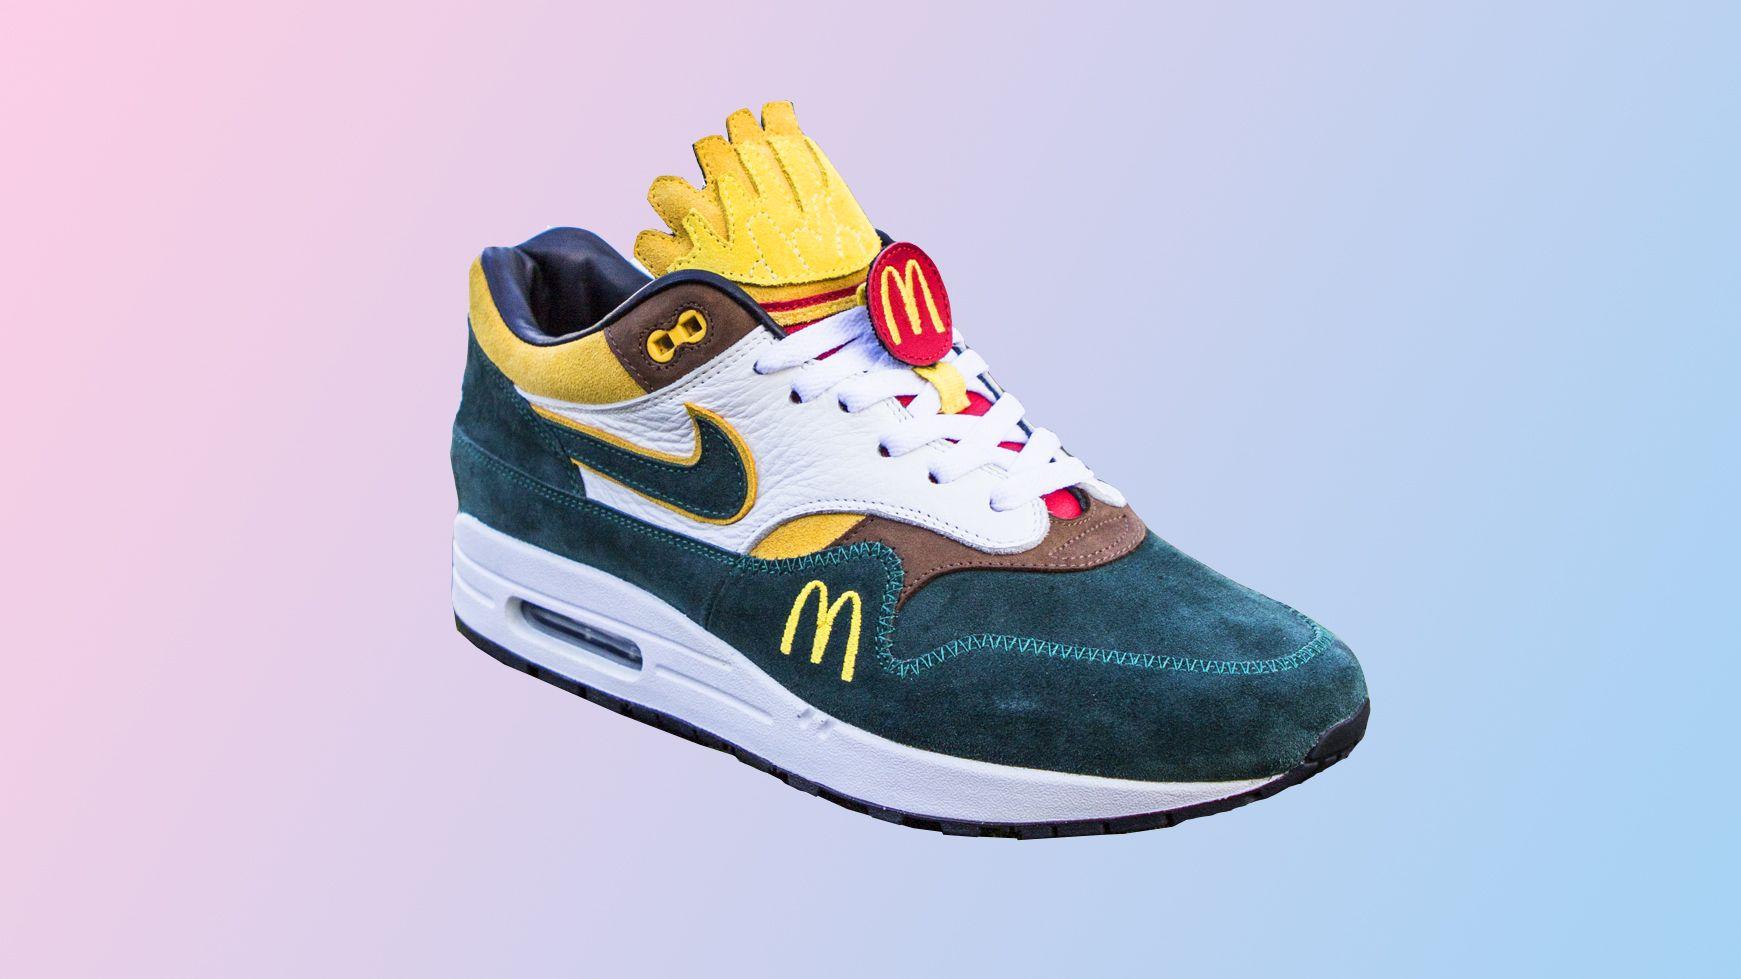 Win custom McDonald's sneakers in de Hidden Cadeau Kalender